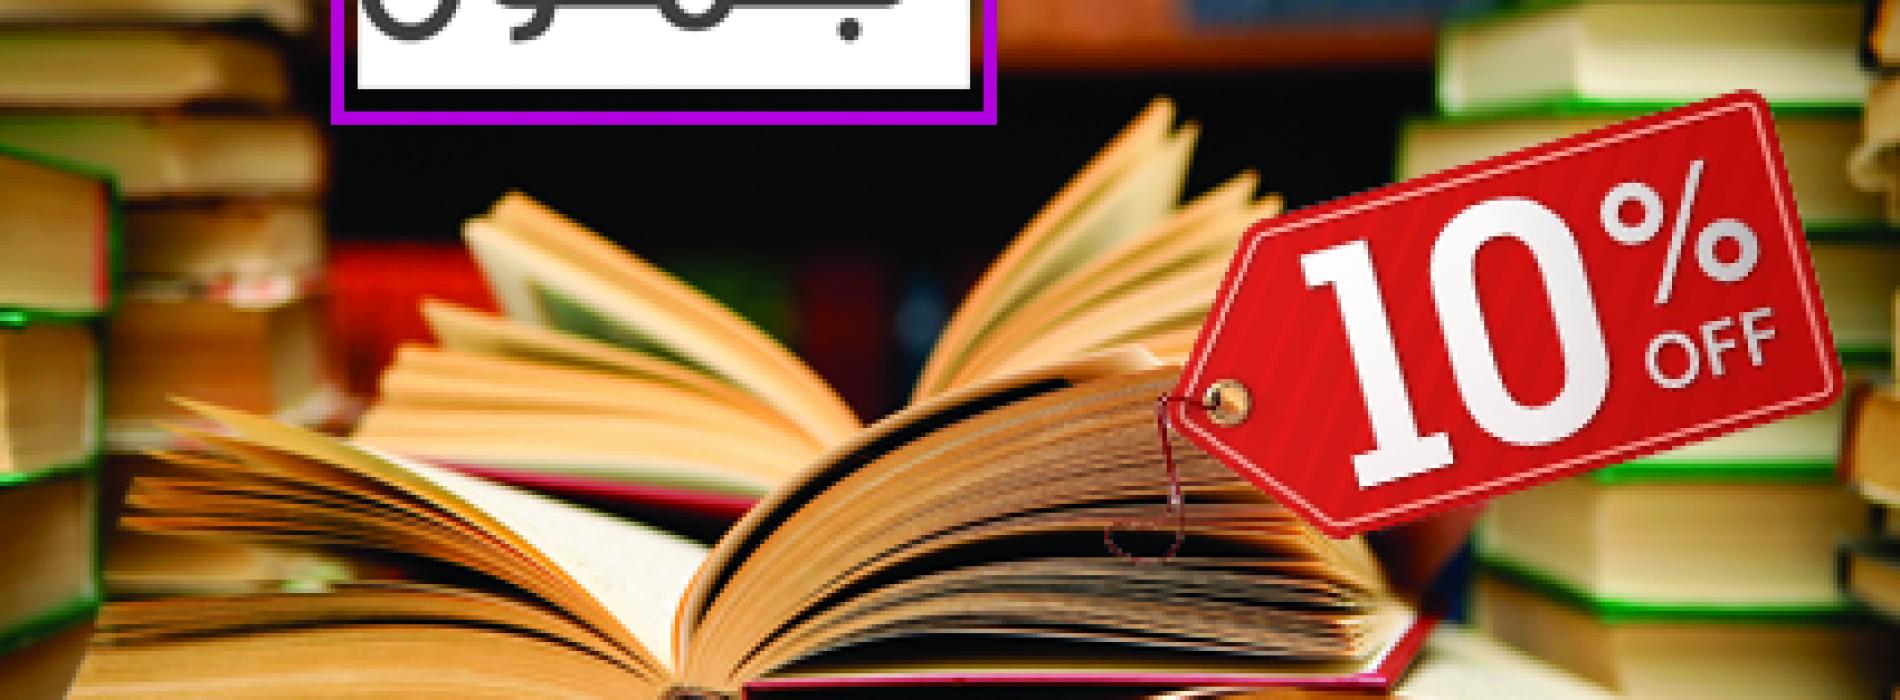 كود خصم 10% من متجر الكتب جملون لمدة 3 أيام فقط